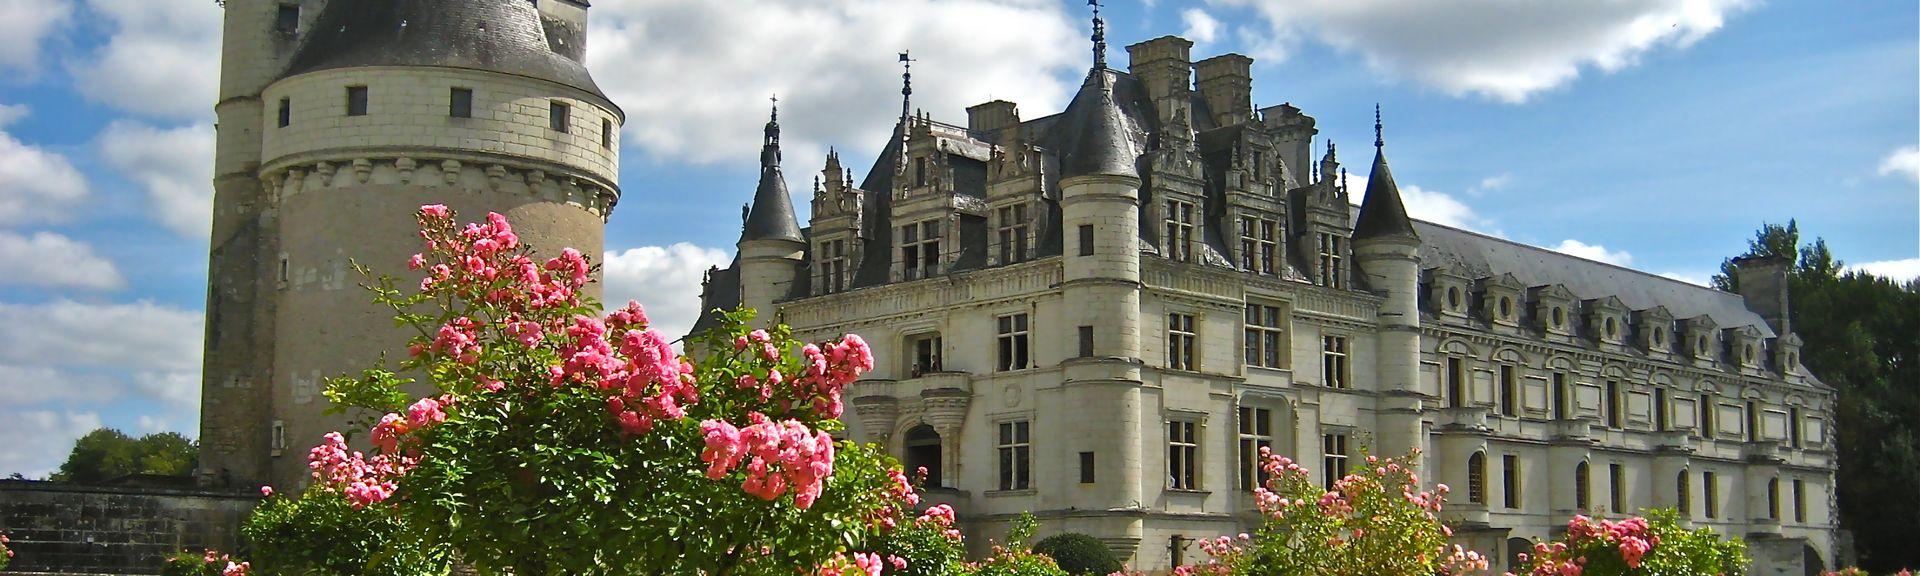 Saint-Mard-de-Réno, Orne (département), France